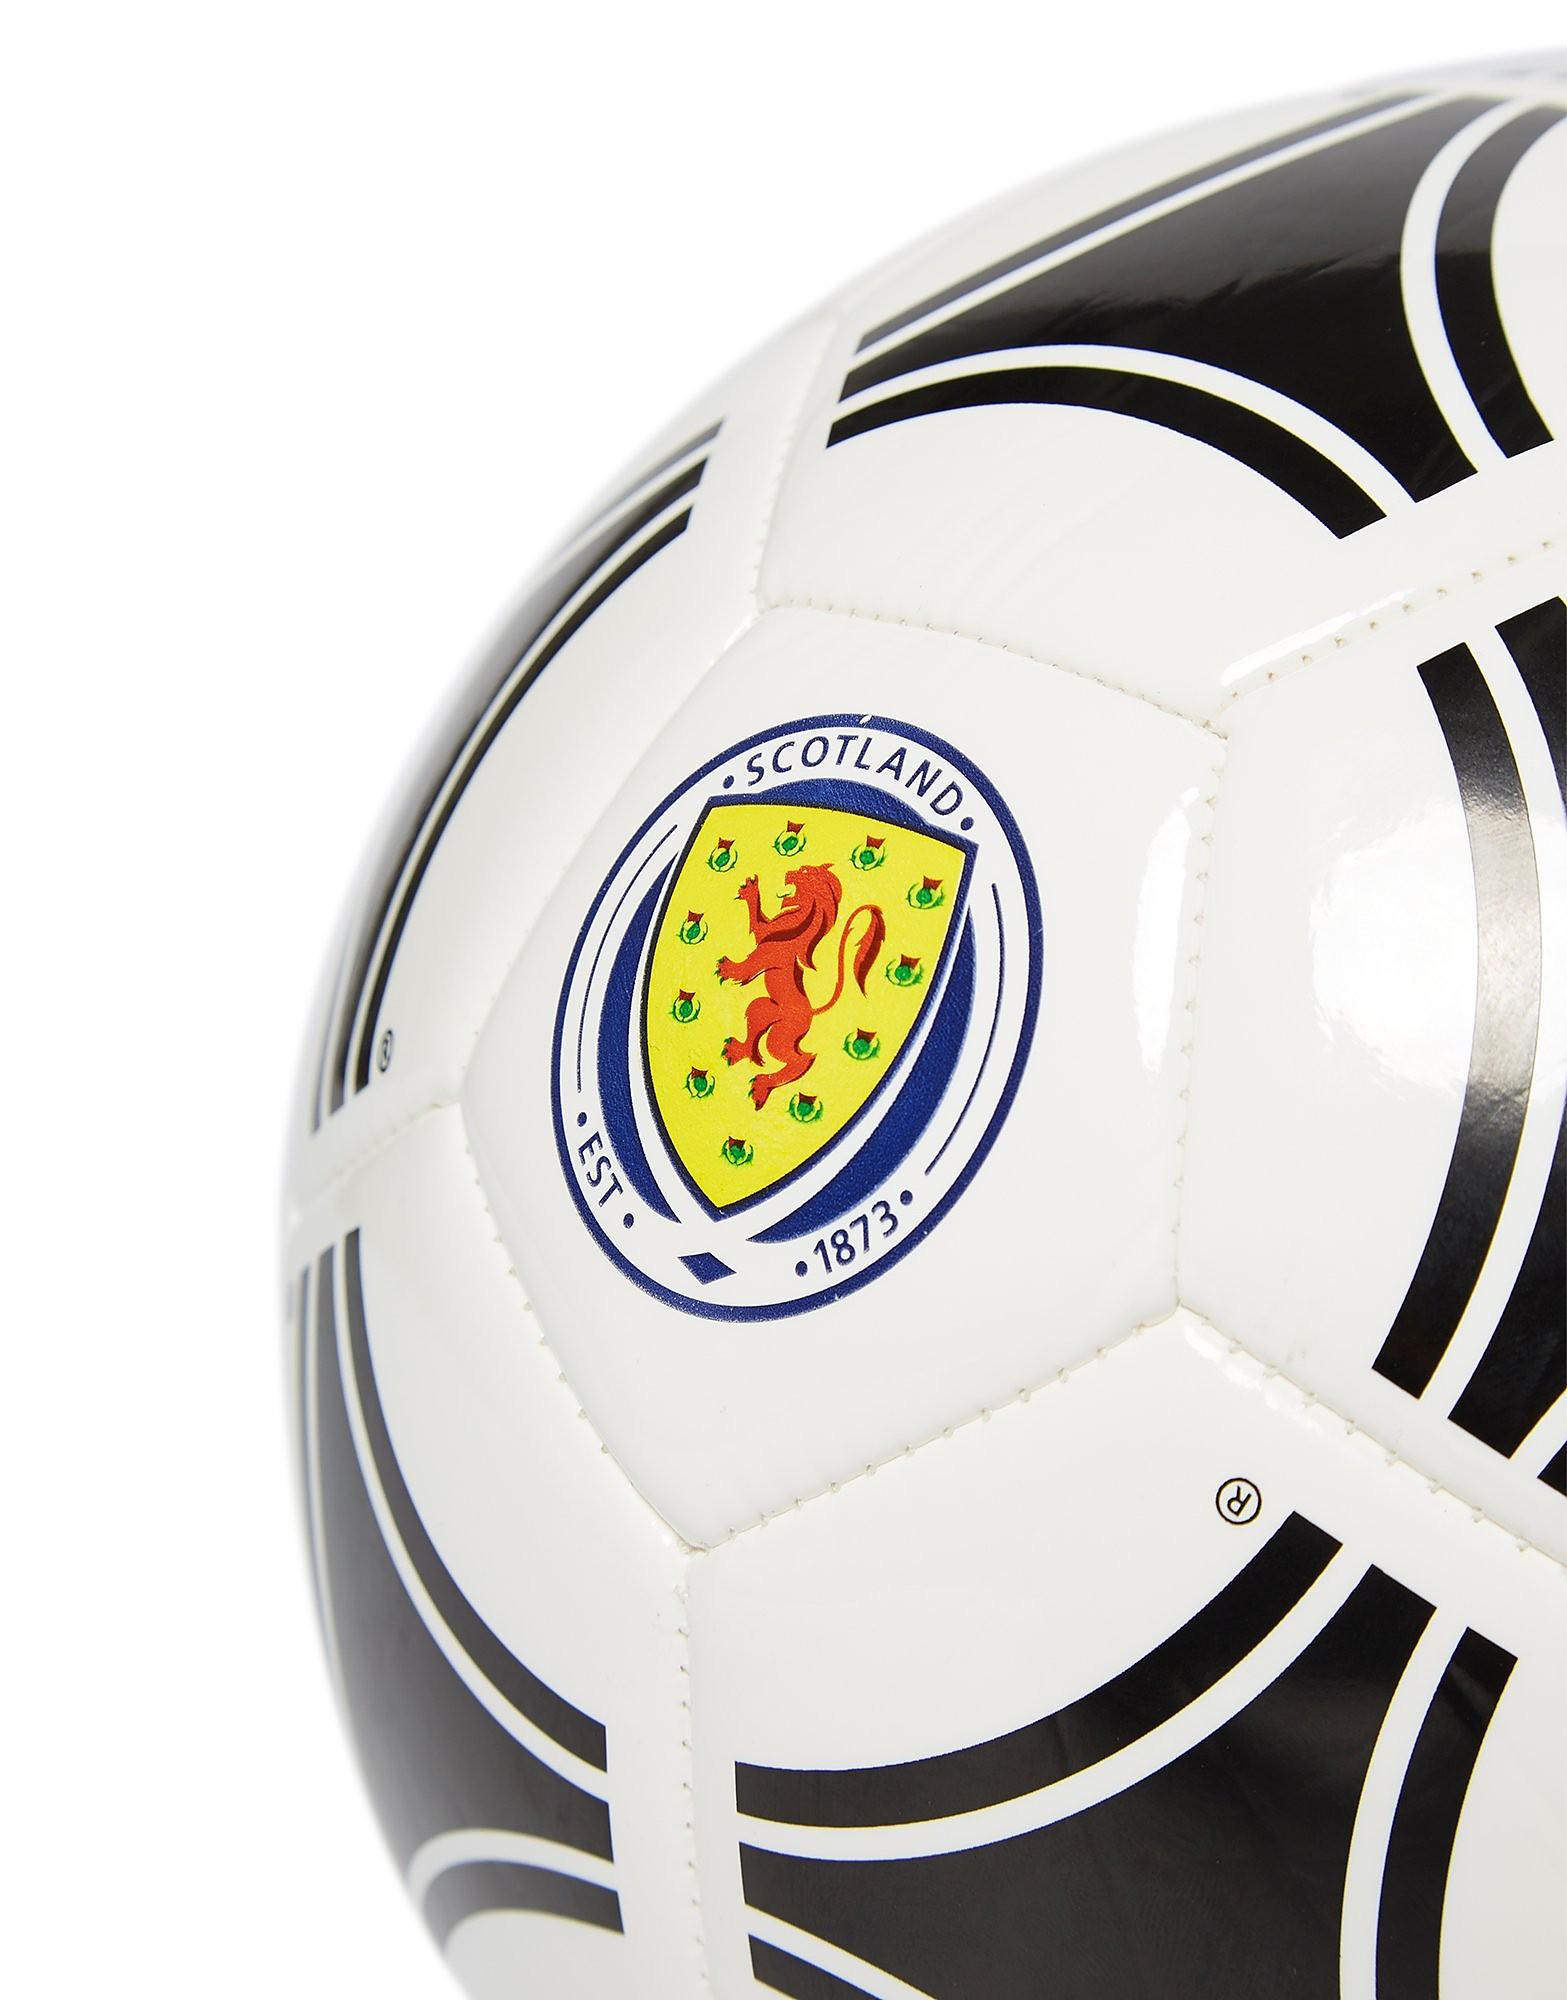 adidas Skotland FA tango glider fodbold